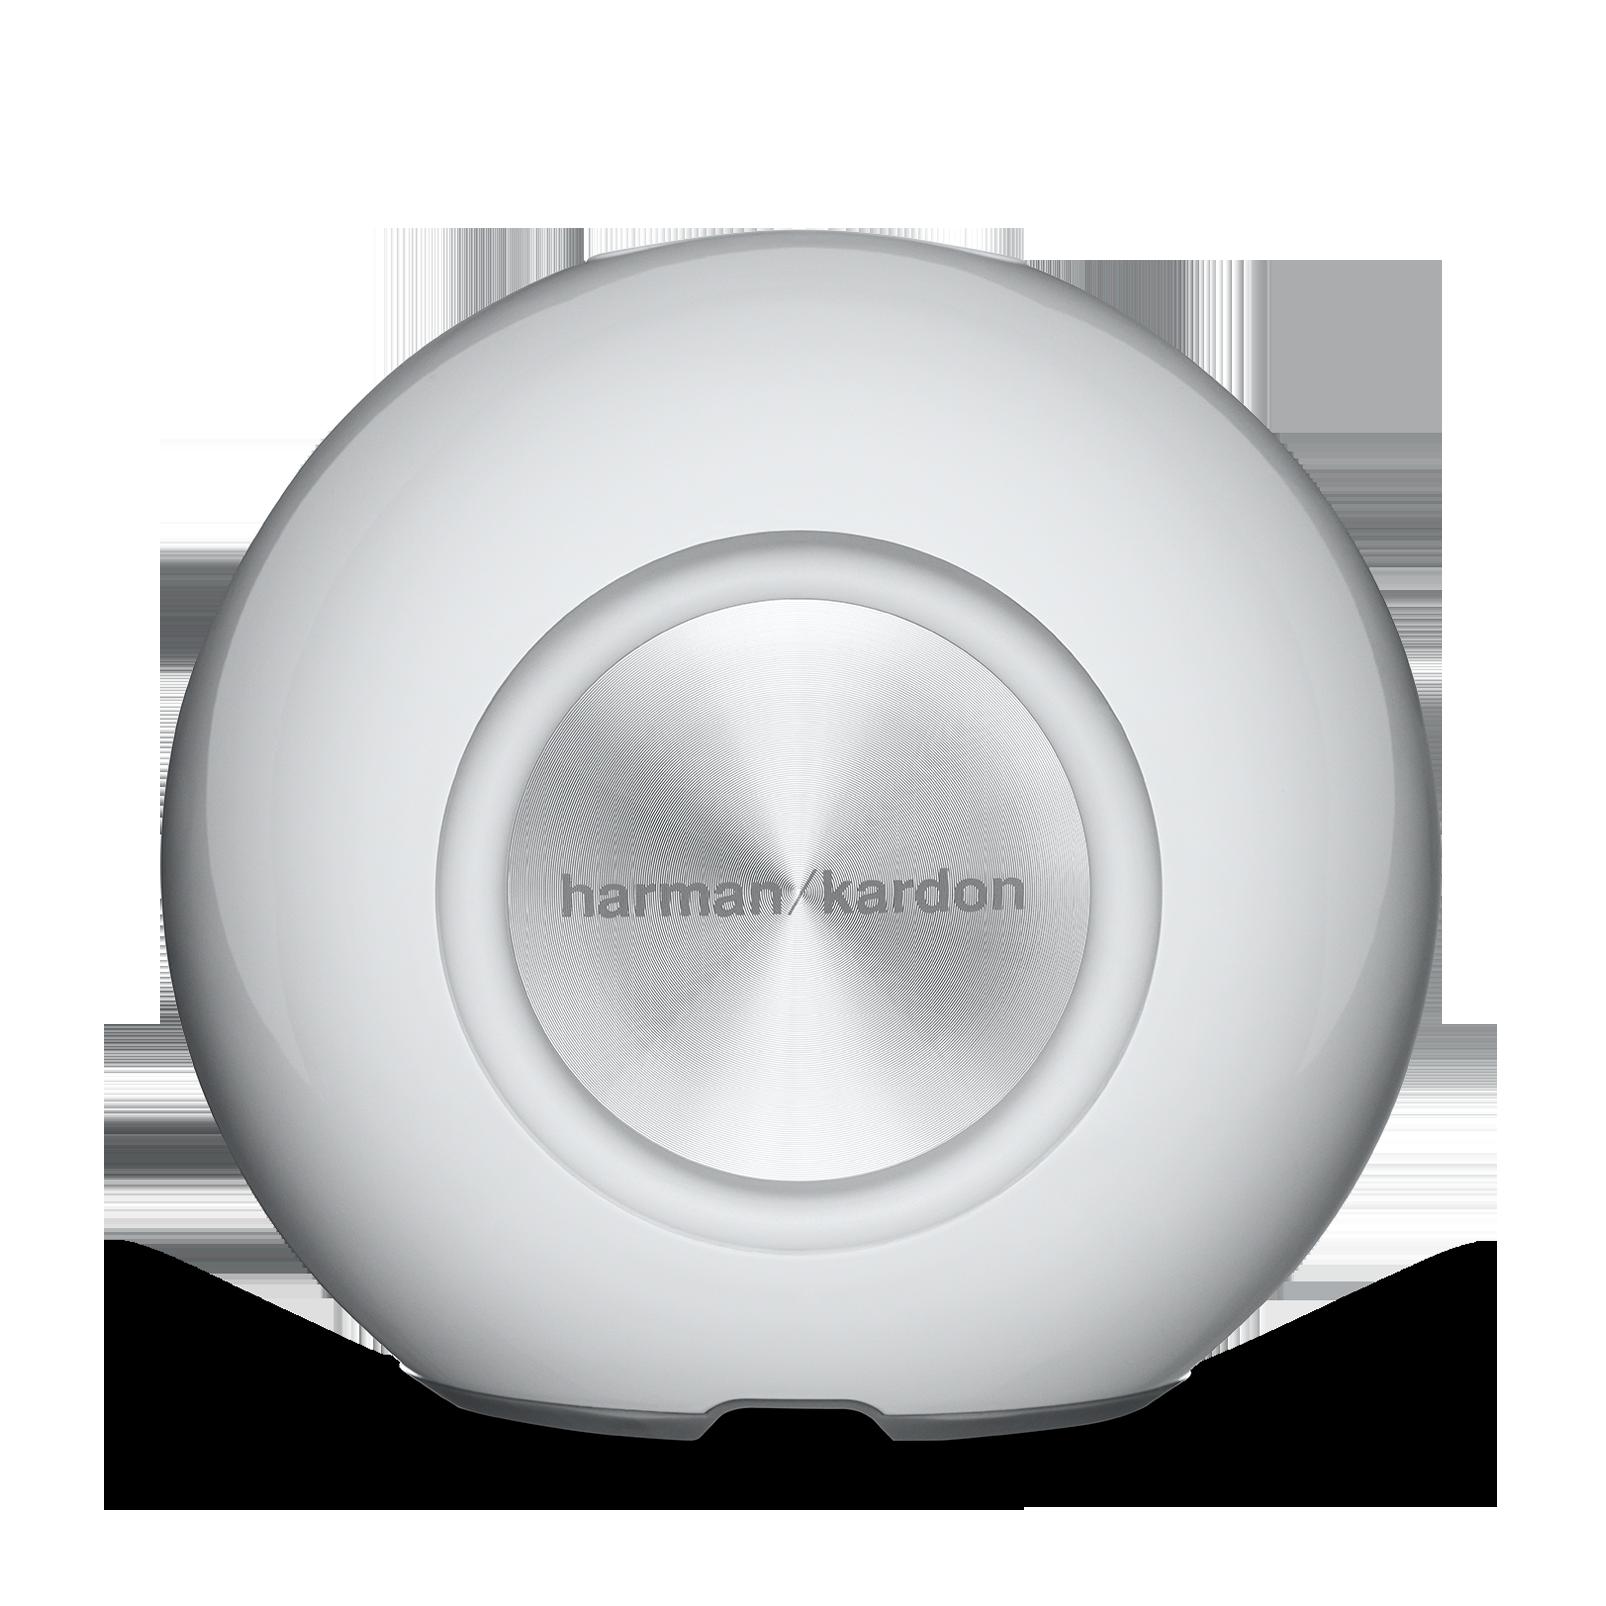 Аудио система harman/kardon Omni 10 - HD, бяла - 5